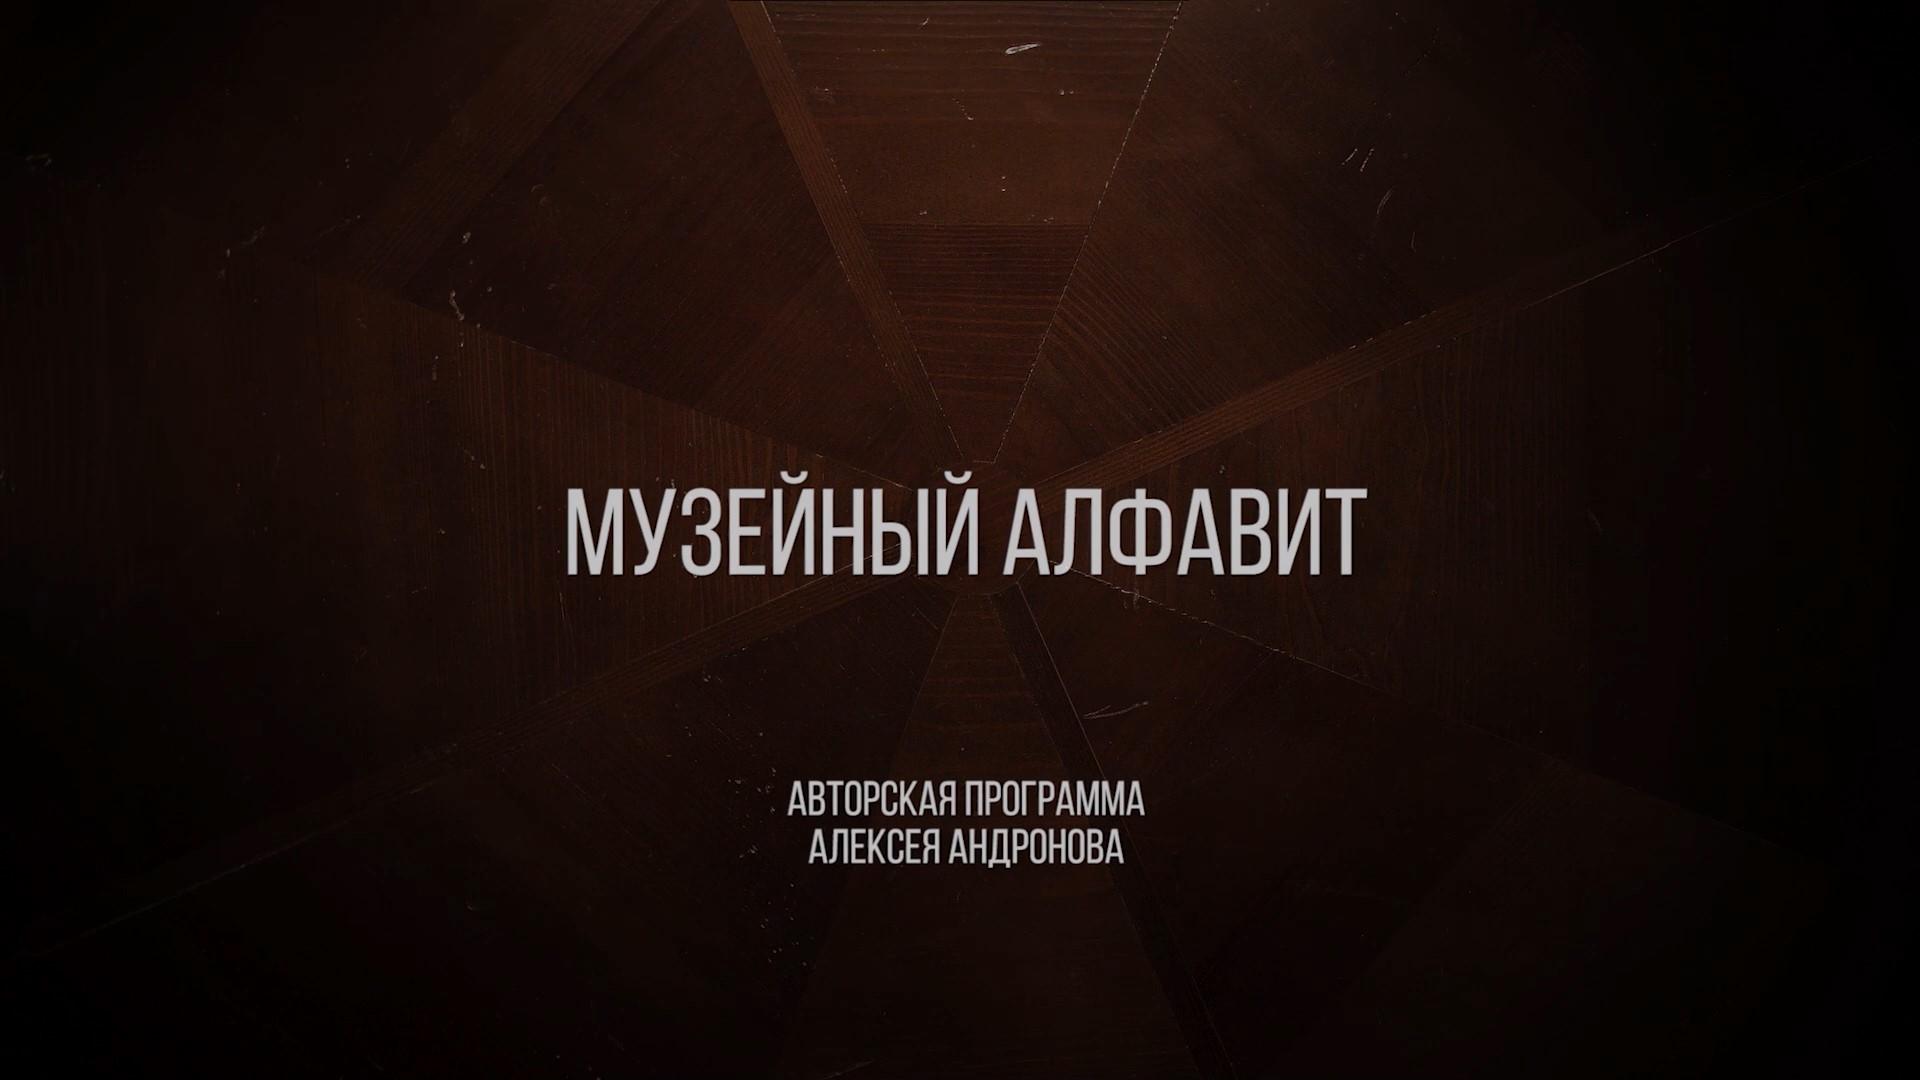 Арзамасский Музей русского патриаршества запустил проект «Музейный алфавит»